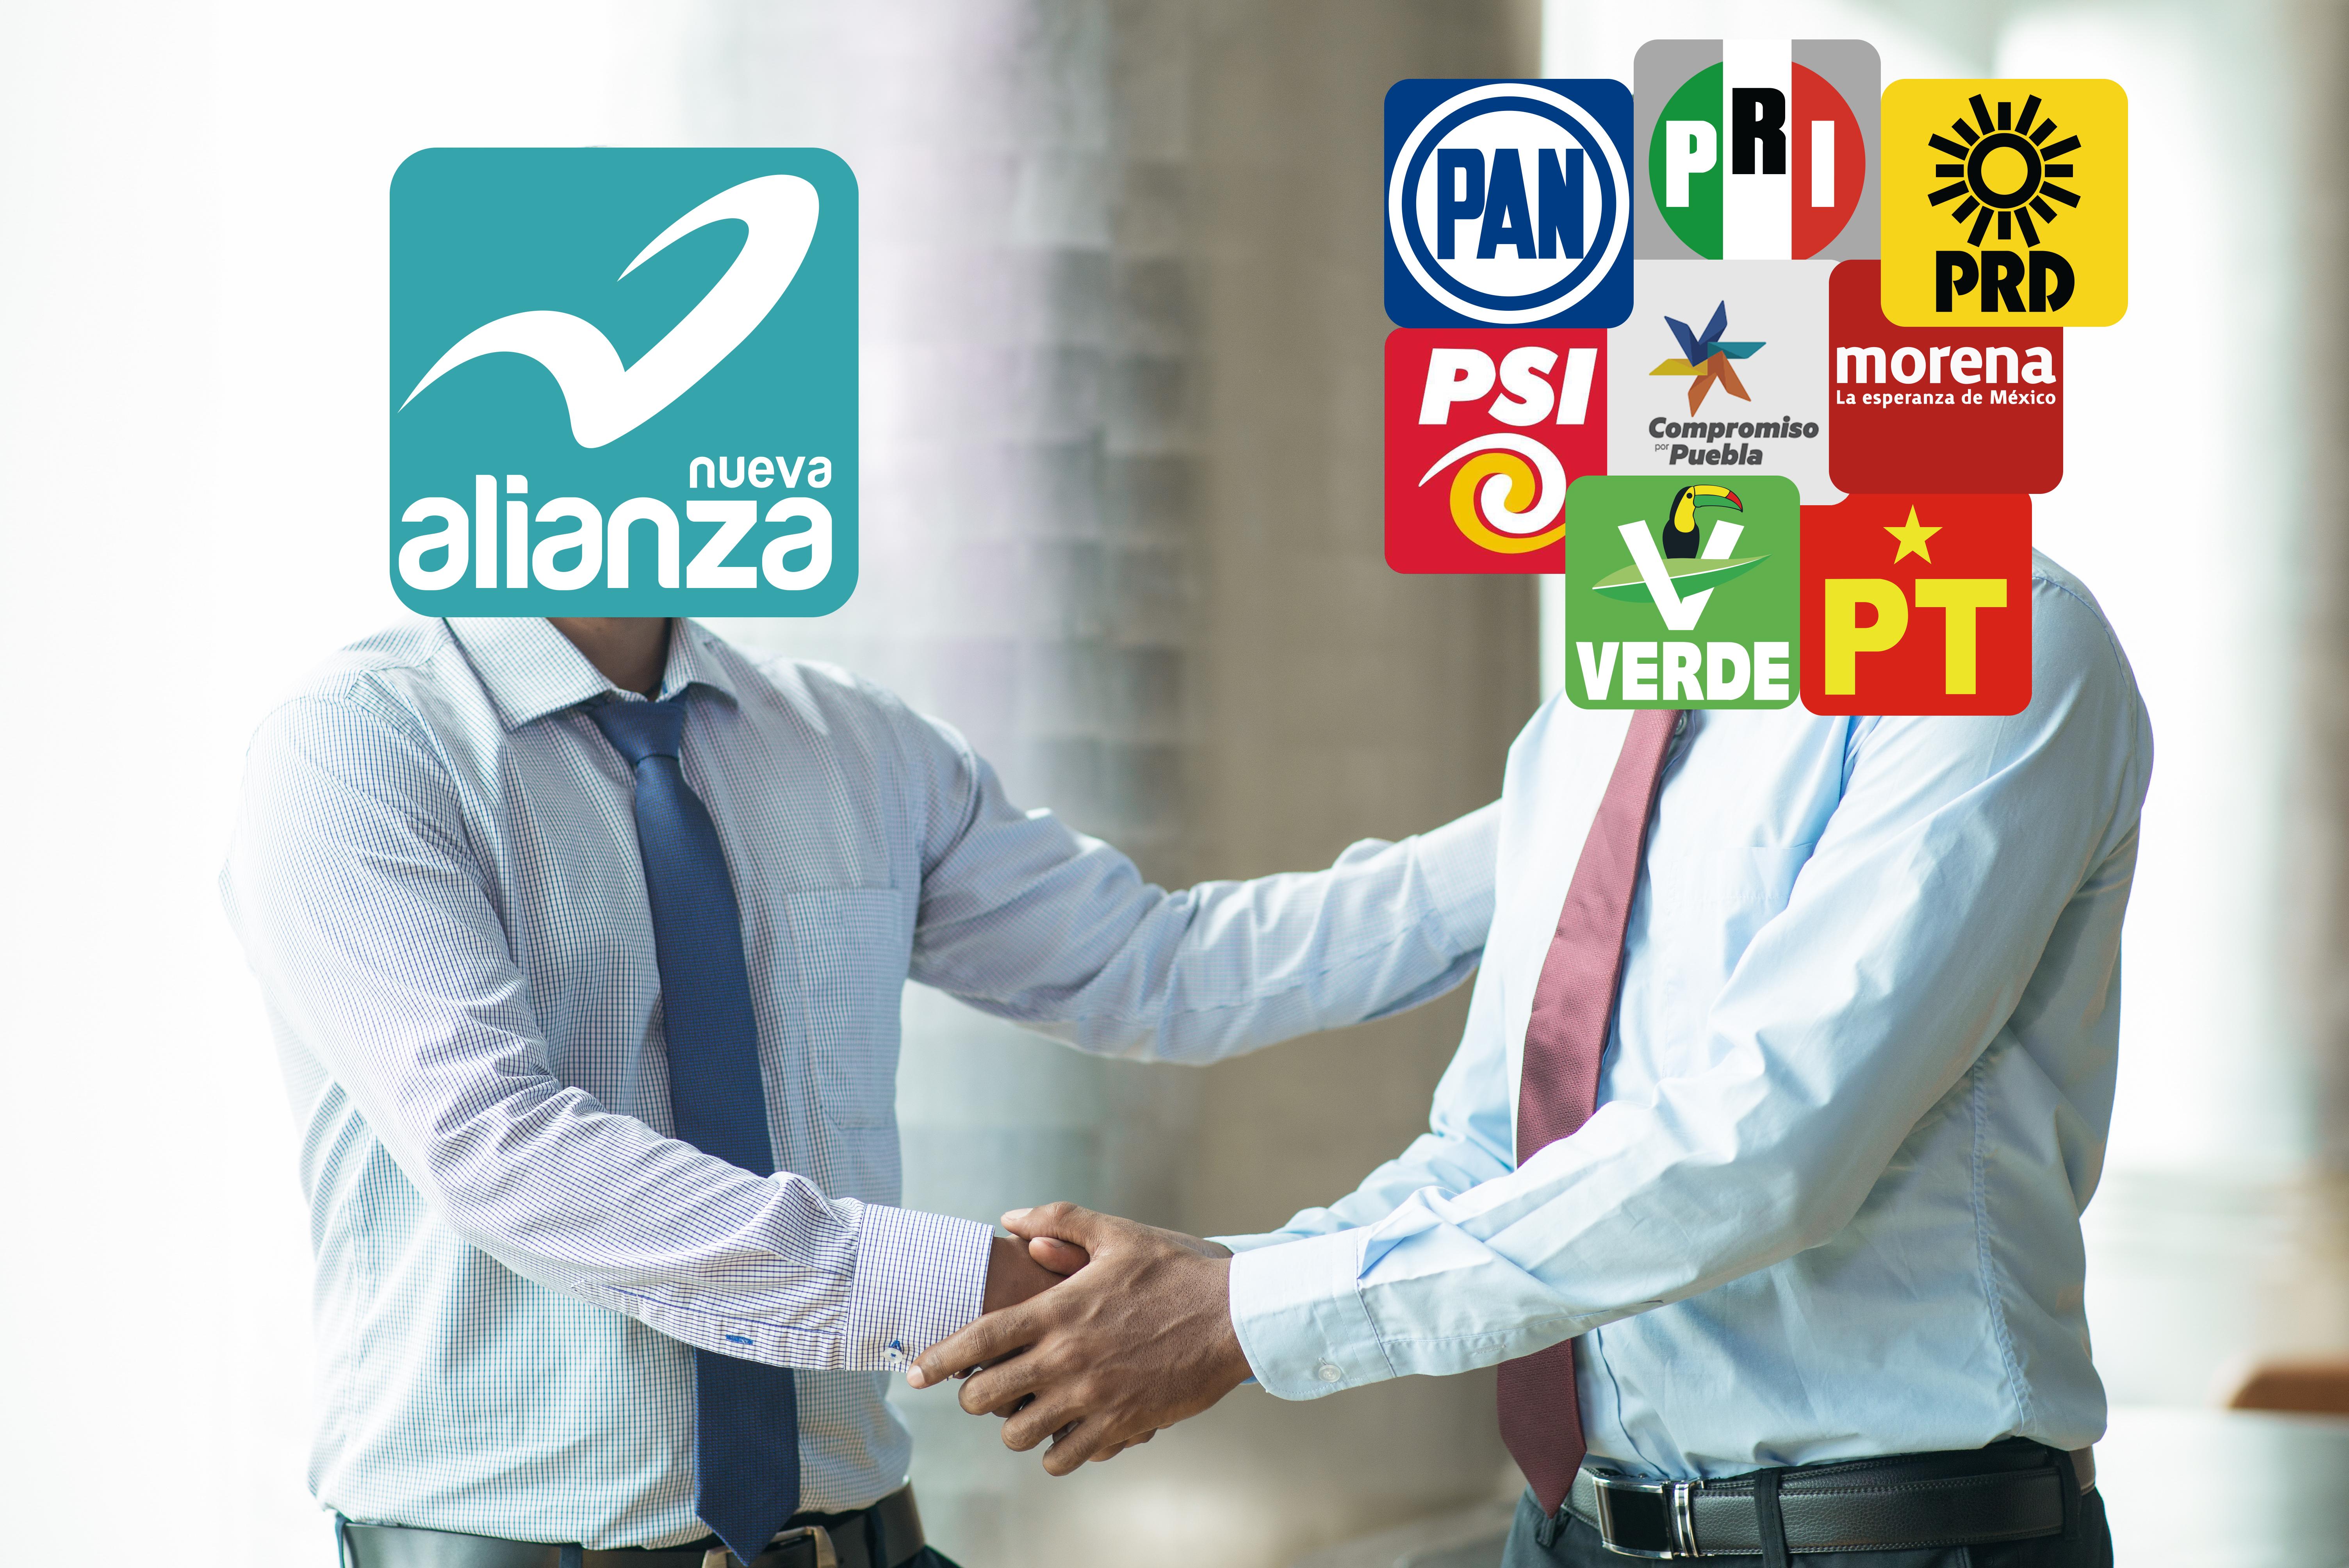 """El partido que lleva la """"Alianza"""" en el nombre, encontró en esta práctica su salvación en Puebla"""